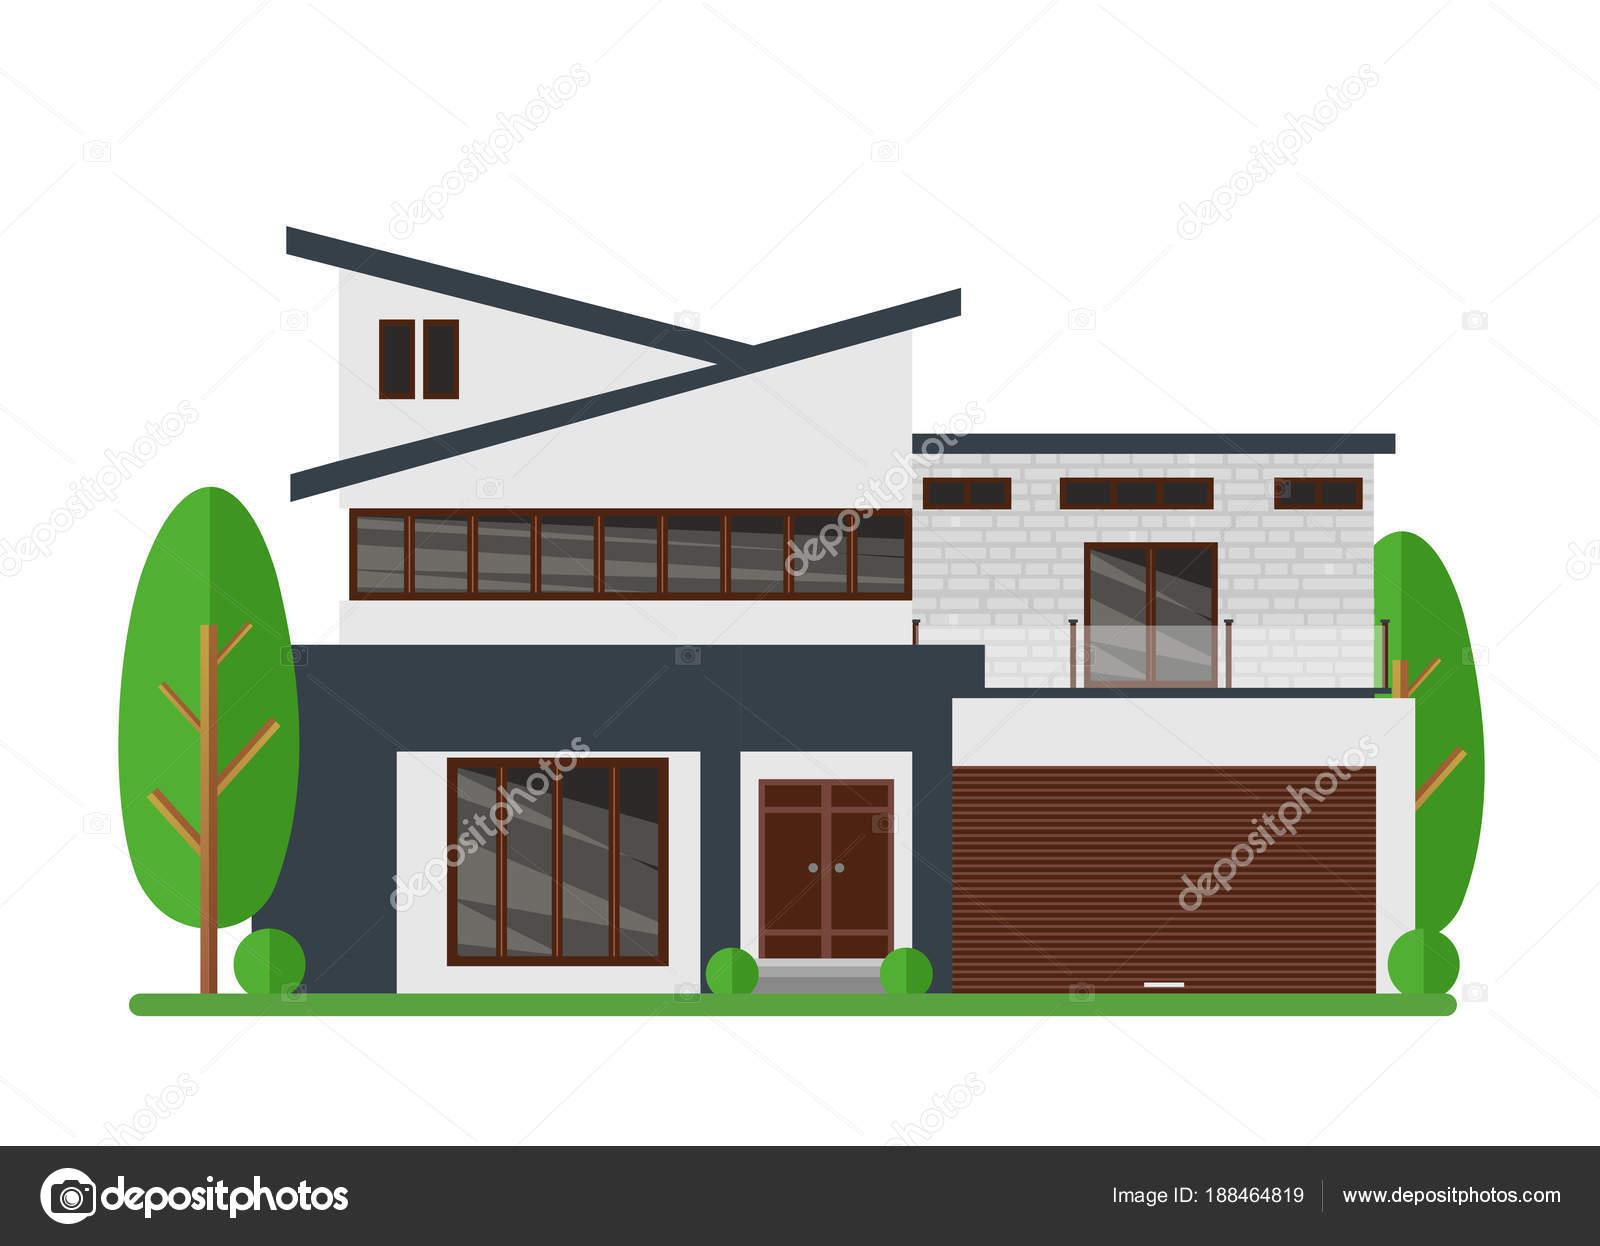 Vektor Illustration Der Schöne Moderne Immobilien Haus. Familie Traumhaus.  Architekt Business Konzept. Fassade Wohnhaus, Ferienhaus In Flachen Stil U2014  Vektor ...